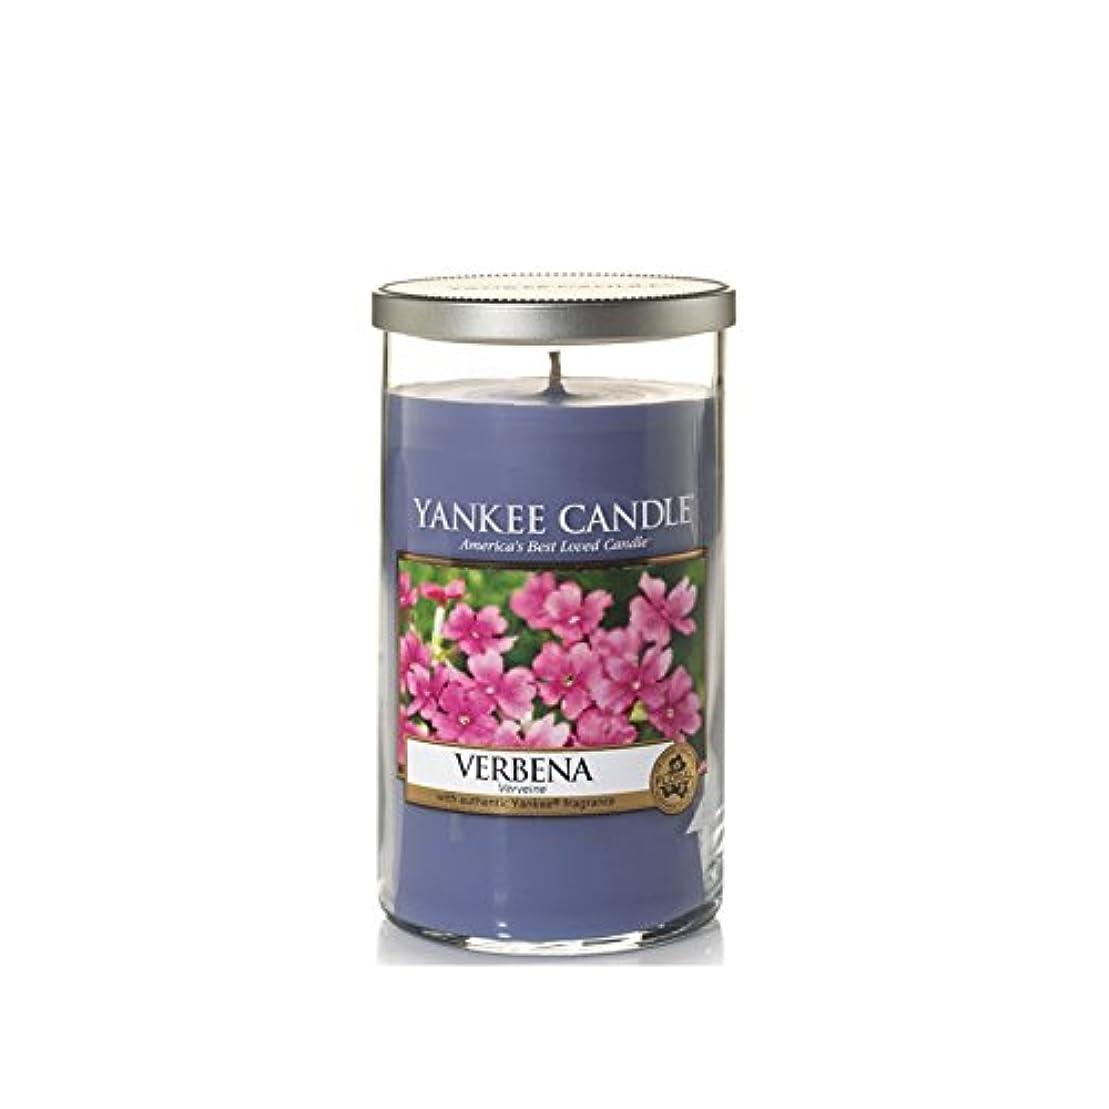 汚すたぶん効率的ヤンキーキャンドルメディアピラーキャンドル - バーベナ - Yankee Candles Medium Pillar Candle - Verbena (Yankee Candles) [並行輸入品]